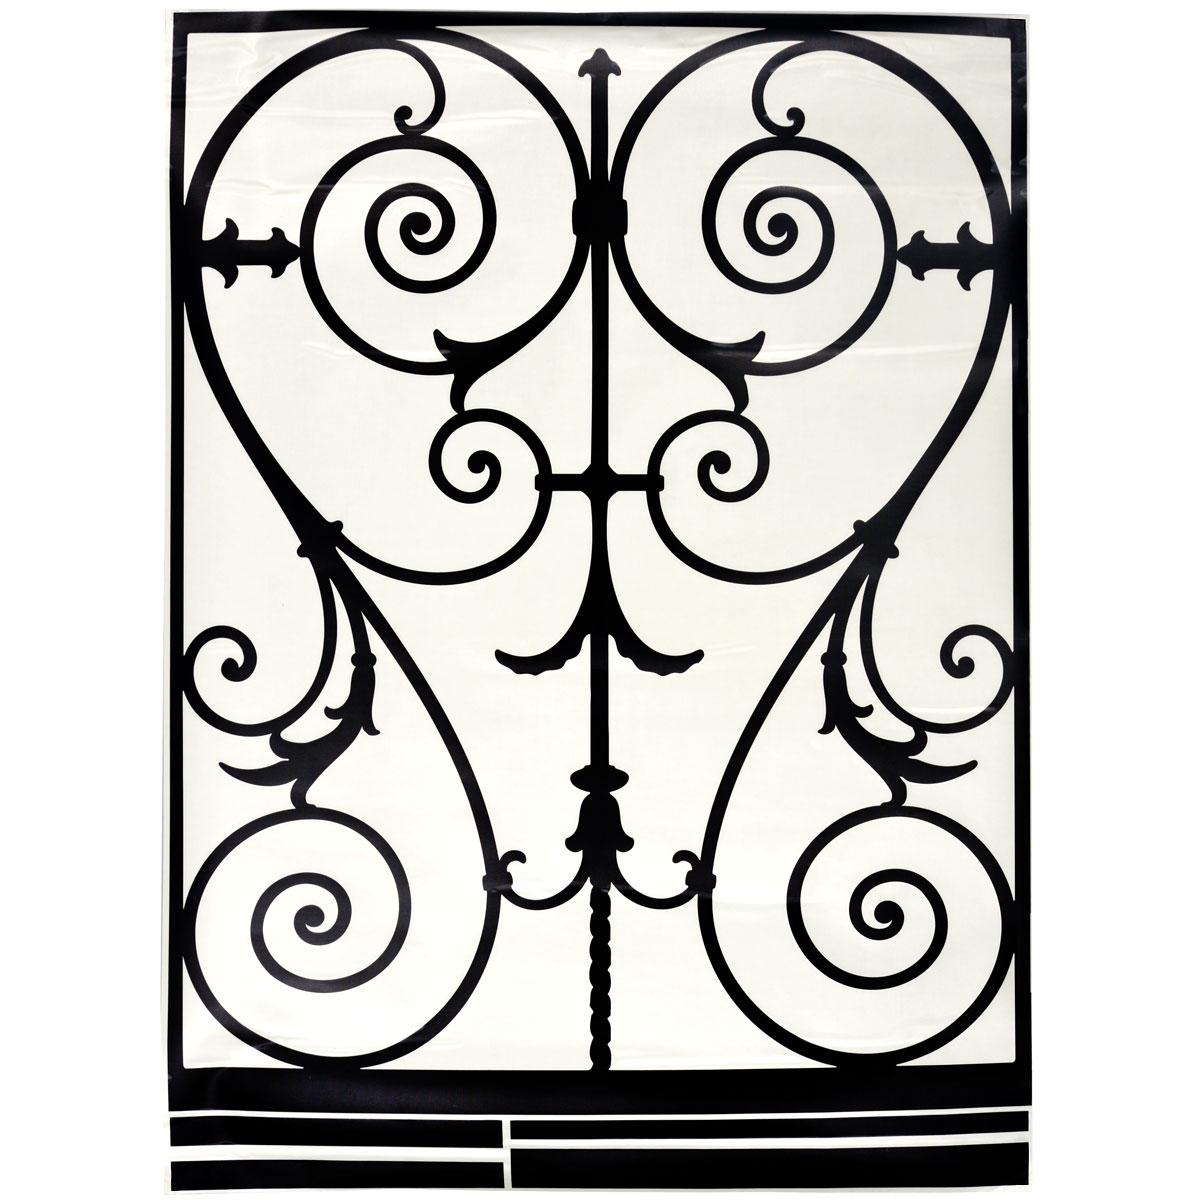 Стикер Paris-Paris Перила в стиле барокко, 90 х 132 смПР00149Добавьте оригинальность вашему интерьеру с помощью необычного стикера Paris-Paris Перила в стиле барокко. Оригинальное исполнение добавит изысканности в дизайн. Необыкновенный всплеск эмоций в дизайнерском решении создаст утонченную и изысканную атмосферу не только спальни, гостиной или детской комнаты, но и даже офиса. Стикер выполнен из матового винила - тонкого эластичного материала, который хорошо прилегает к любым гладким и чистым поверхностям, легко моется и держится до семи лет, не оставляя следов. Идеи французских дизайнеров украсят любой интерьер.